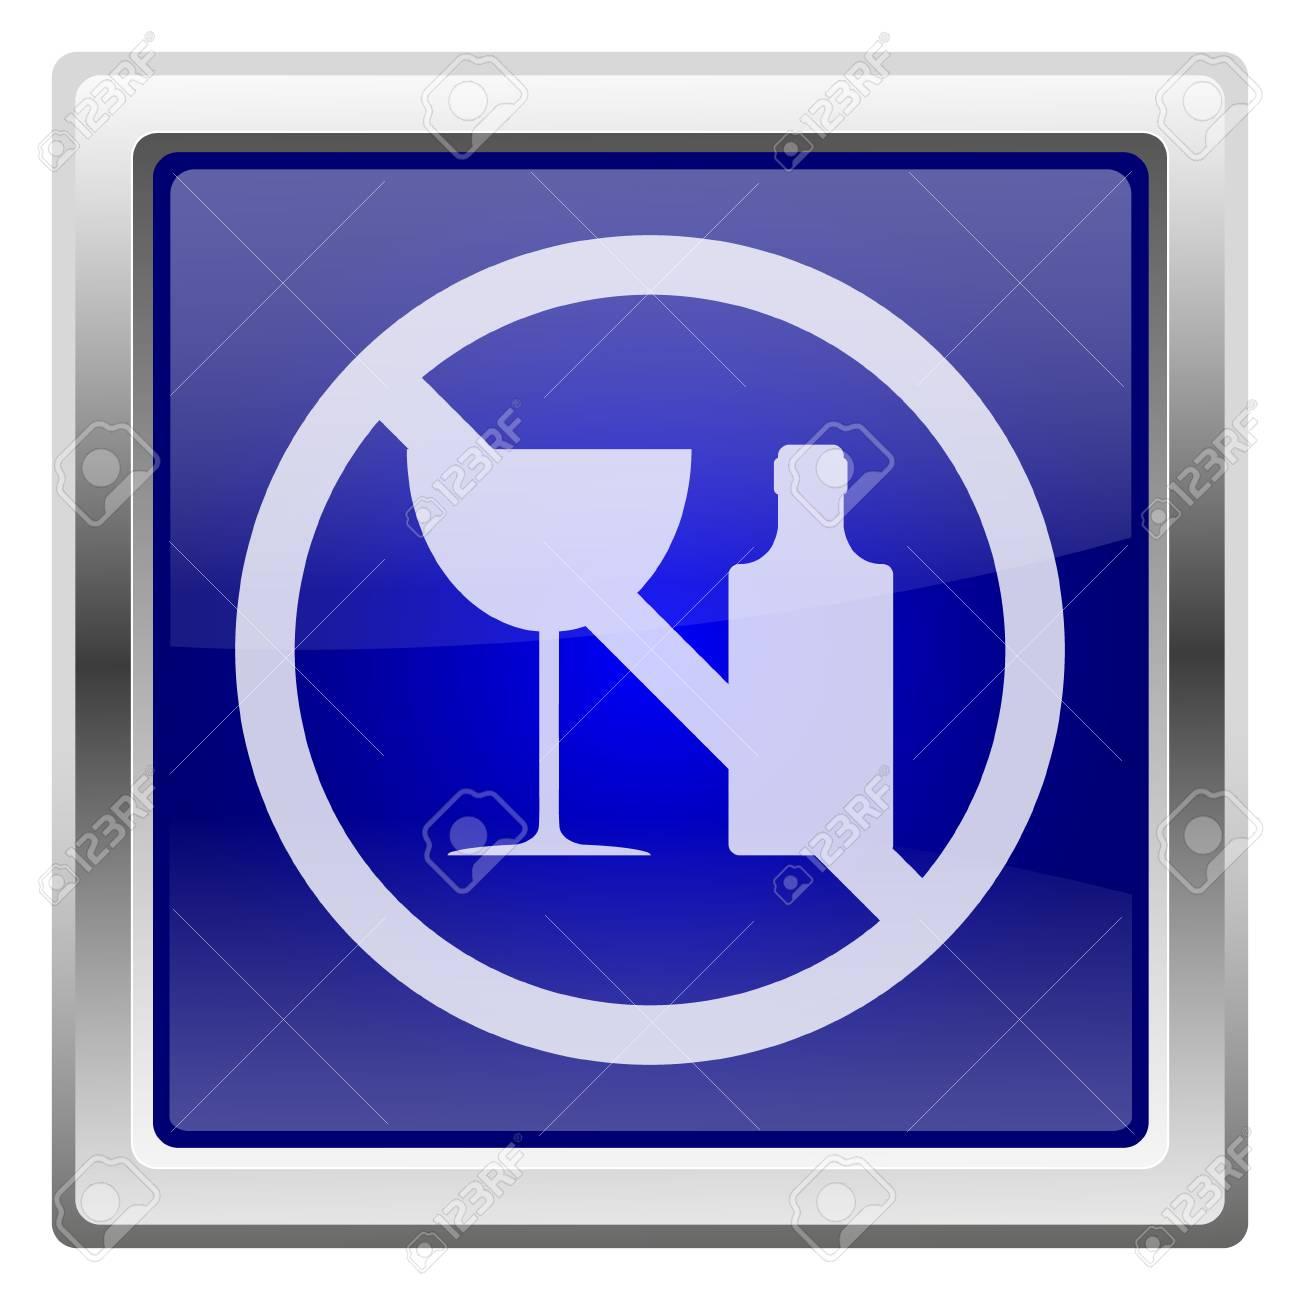 Metallic shiny icon with white design on blue background Stock Photo - 24936920